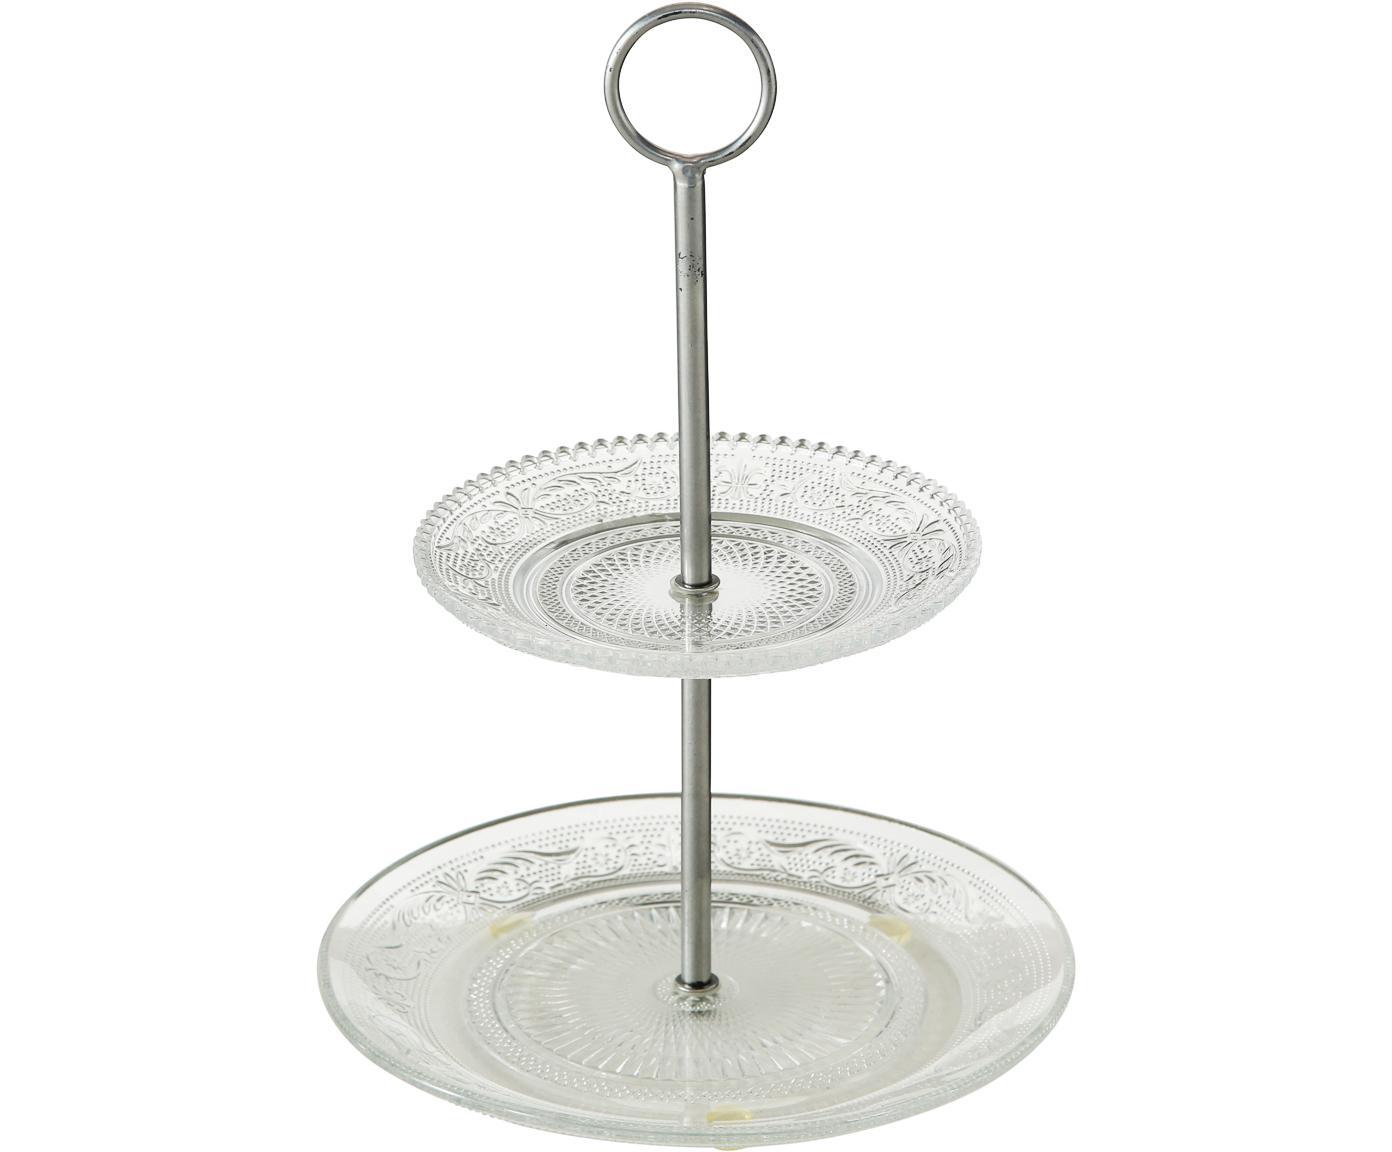 Fuente 2 pisos Relief, Estante: vidrio, Transparente, Ø 20 x Al 28 cm